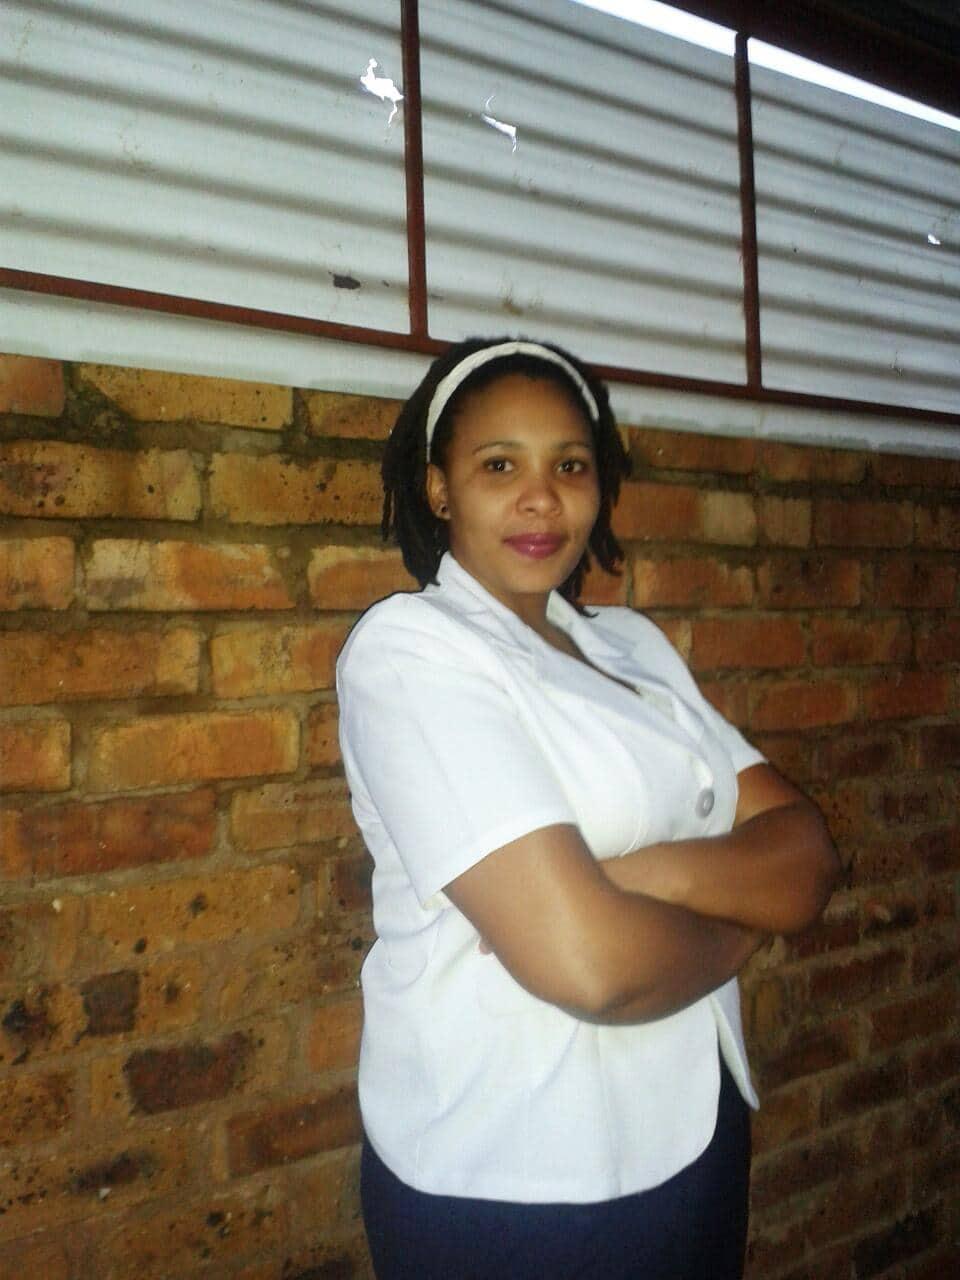 intake in ga rankuwa nursing college